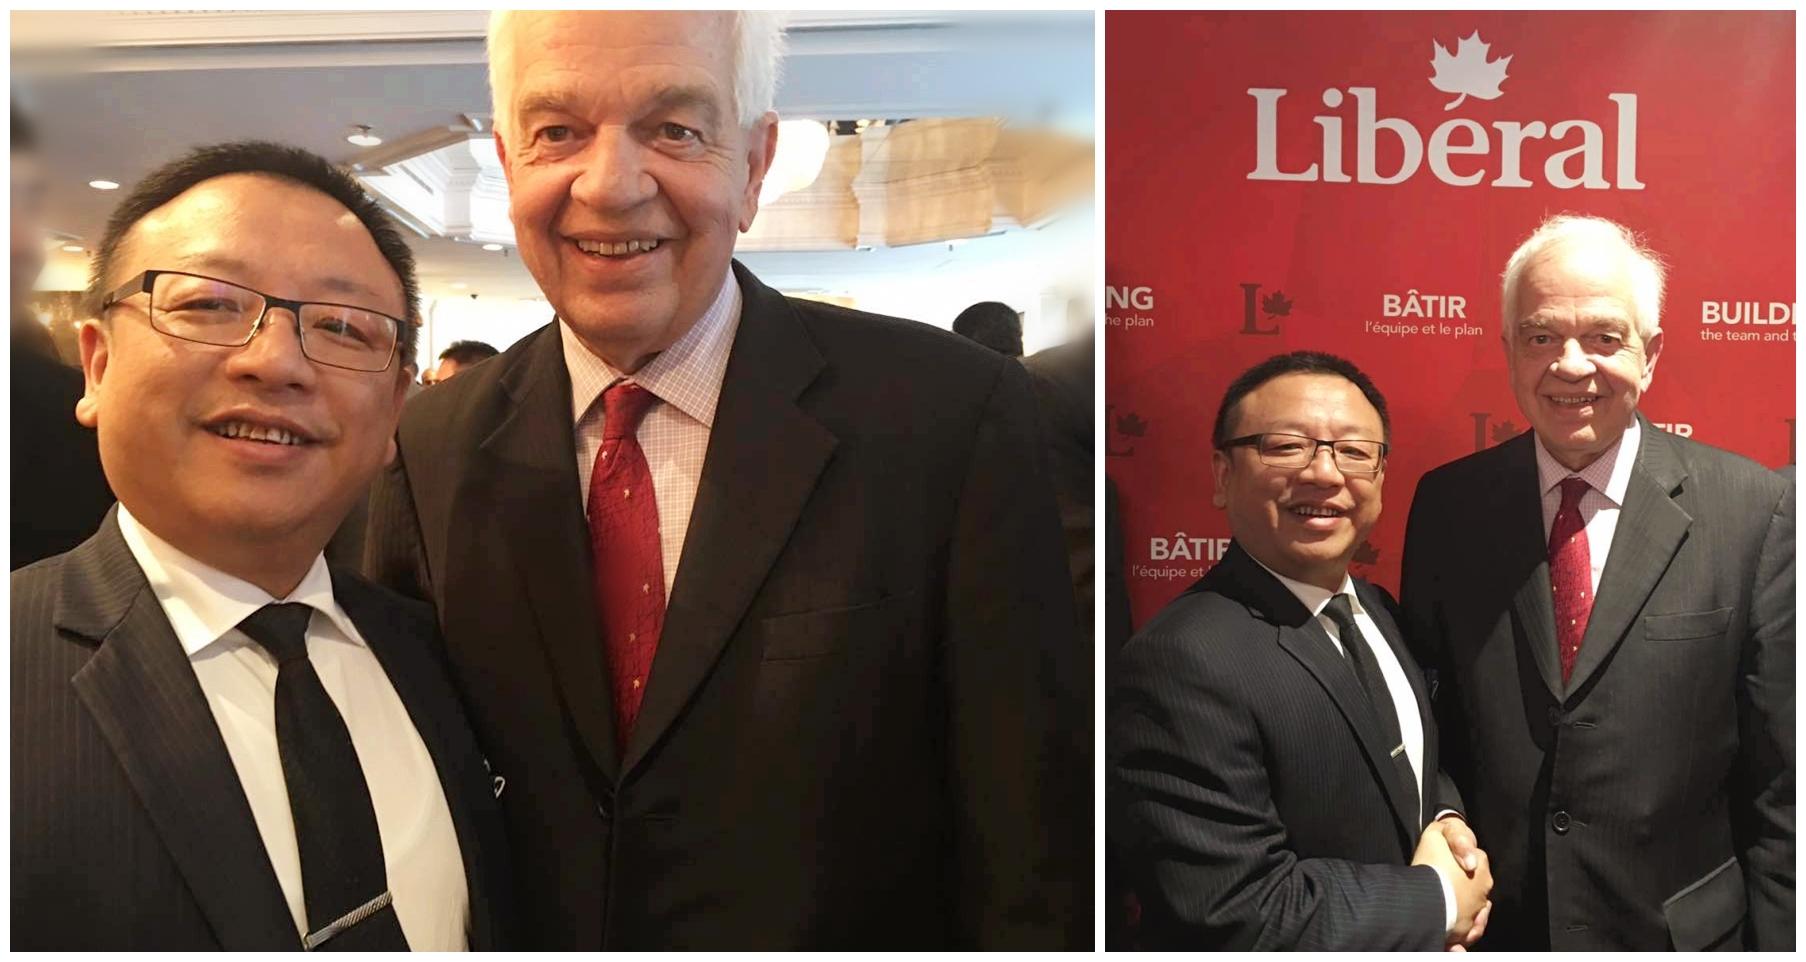 羅賓先生與加拿大現任移民部長John McCallum先生